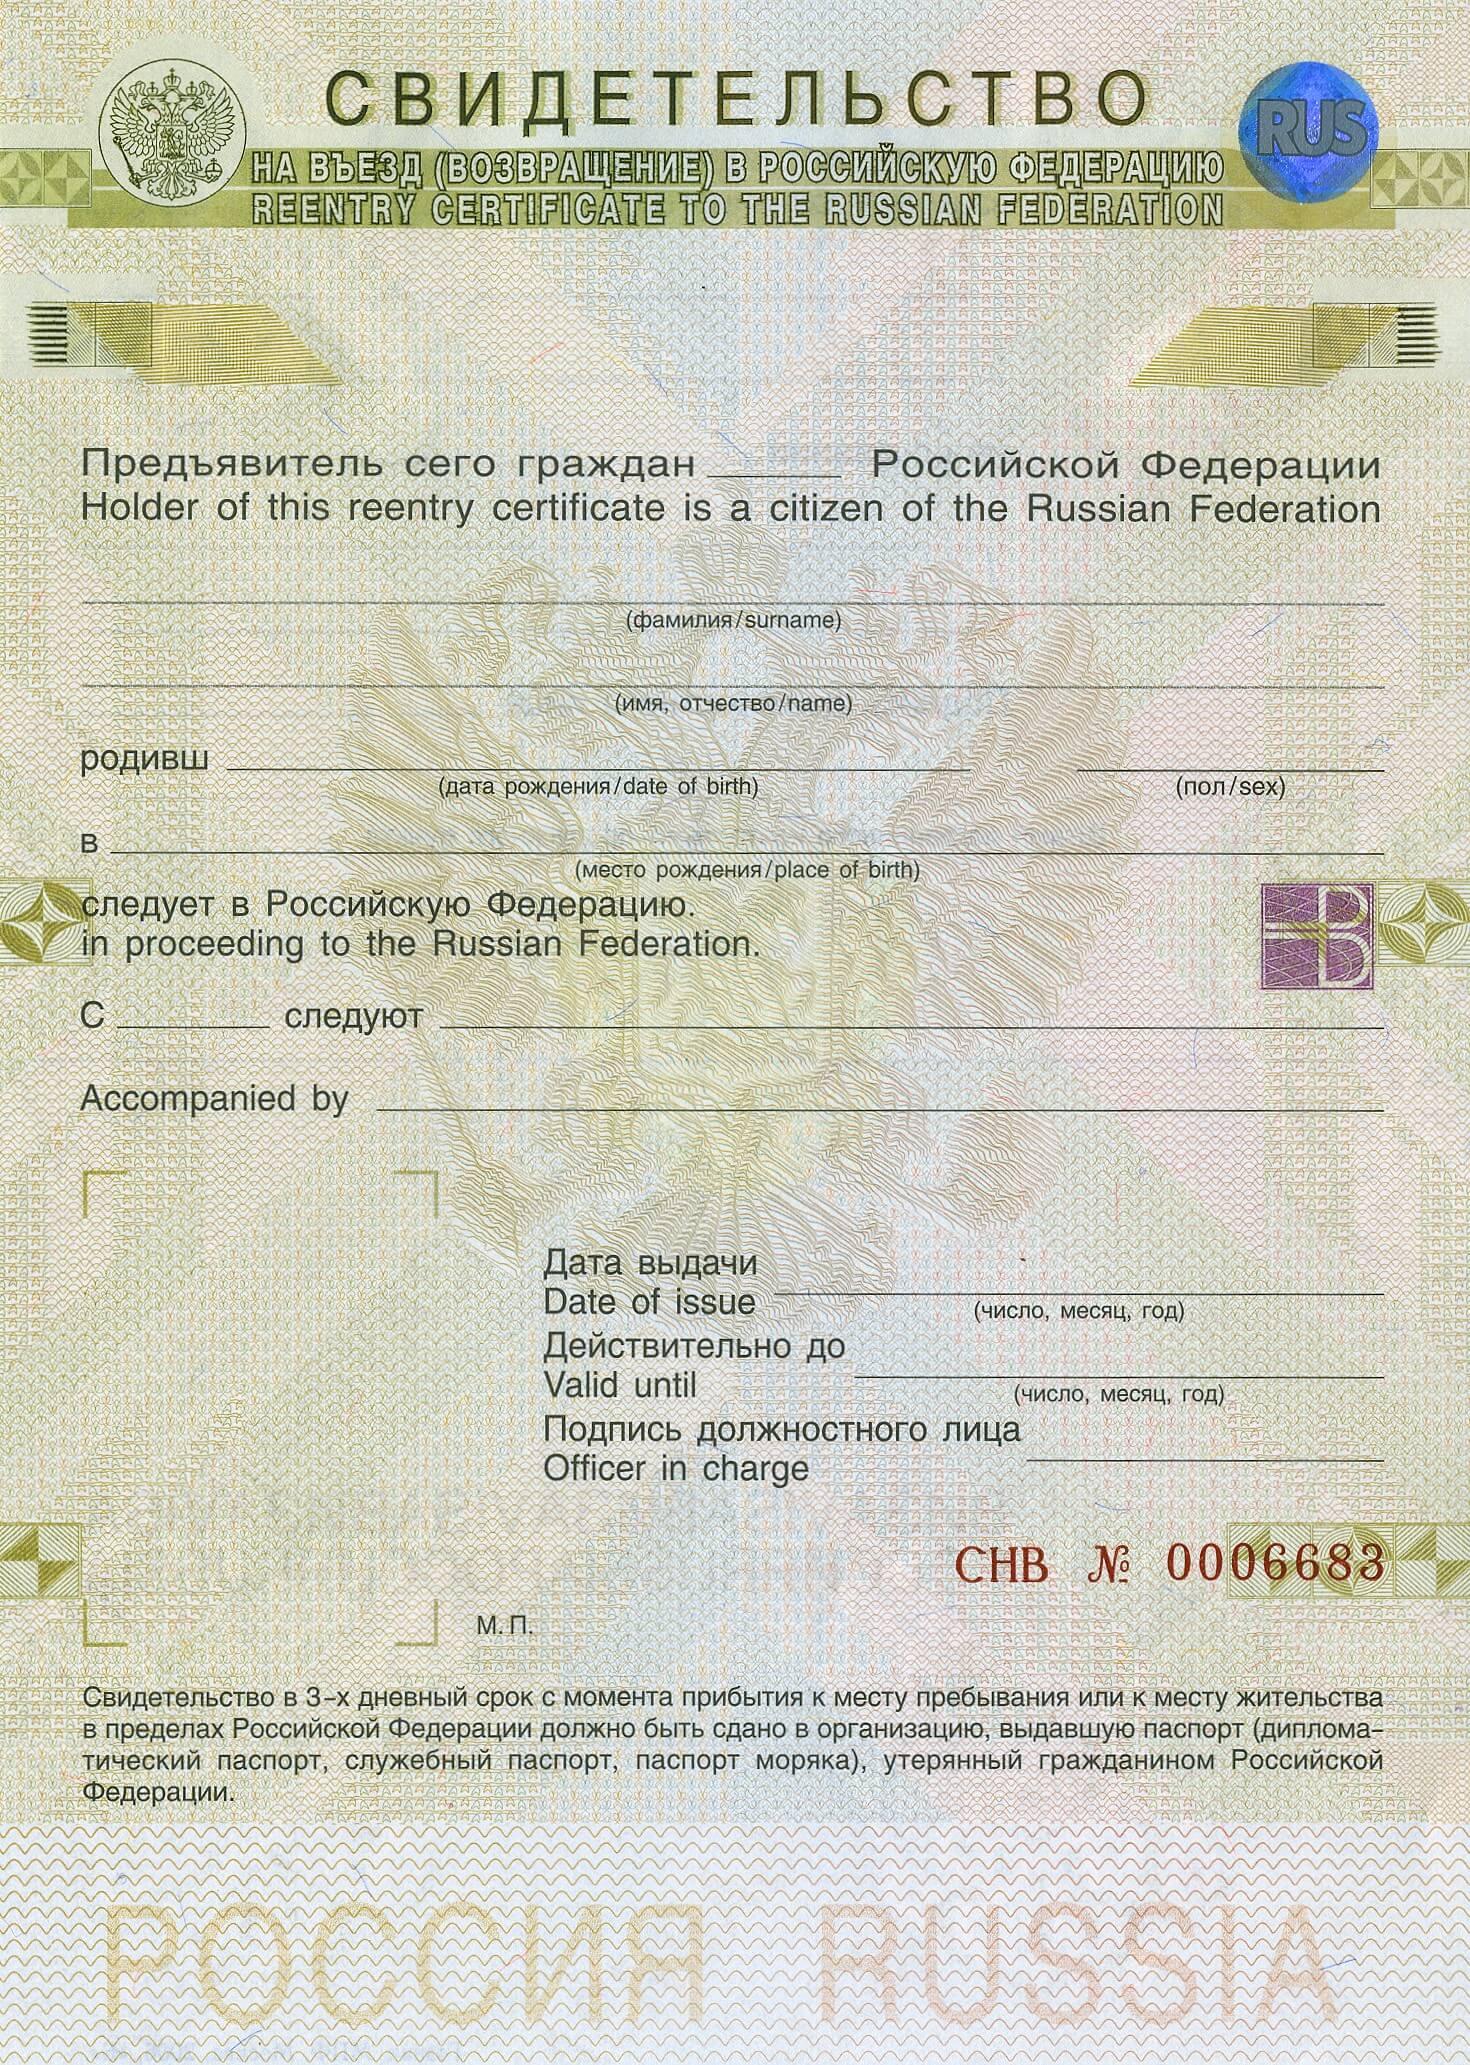 Рис 1. Образец временного свидетельства на возвращение в Россию